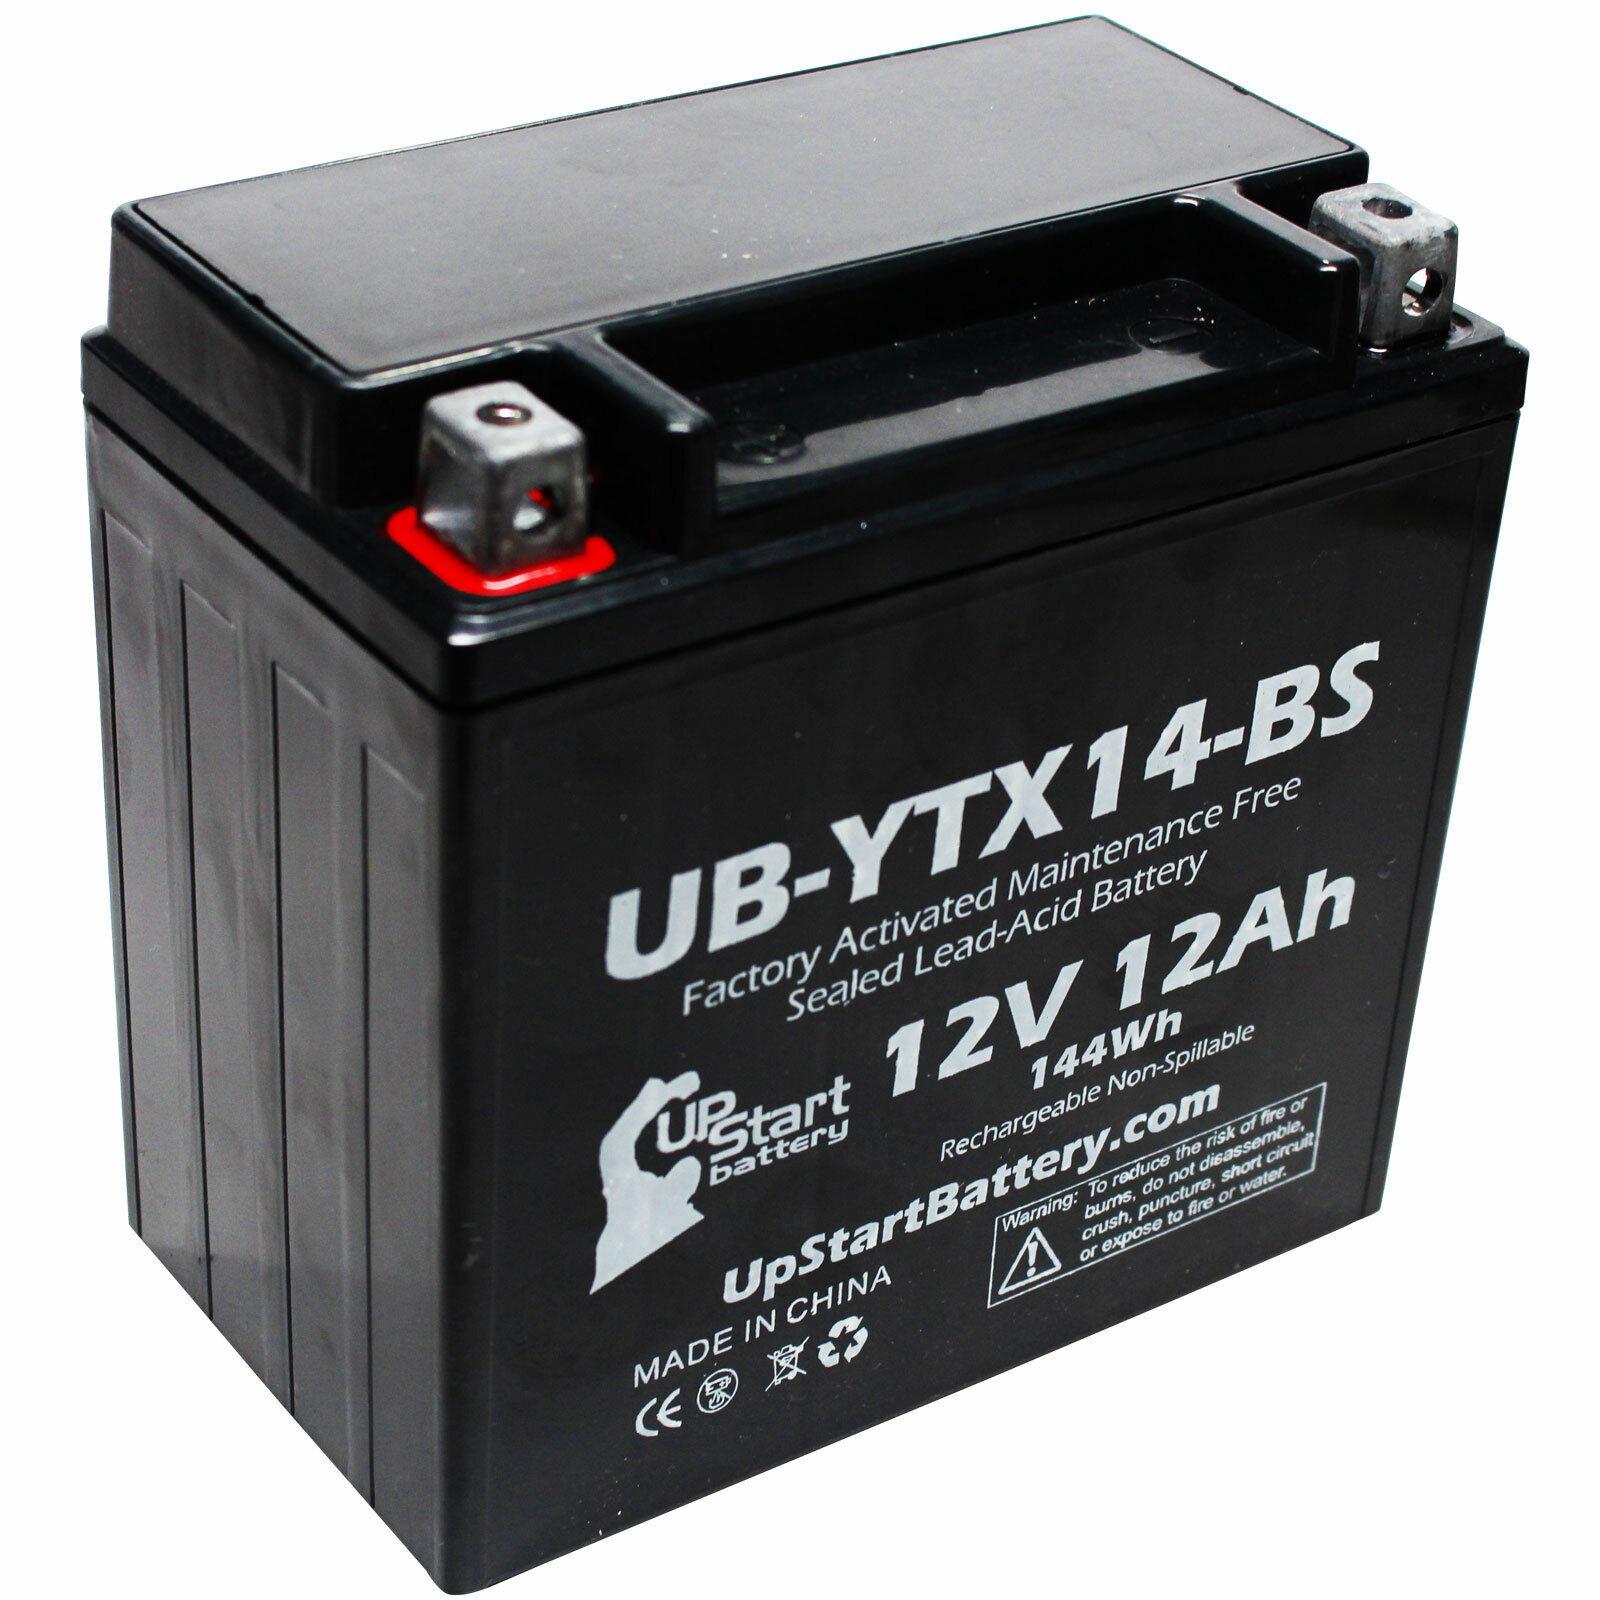 12V 12AH Battery for 2000 Honda VT750C Shadow 750 CC